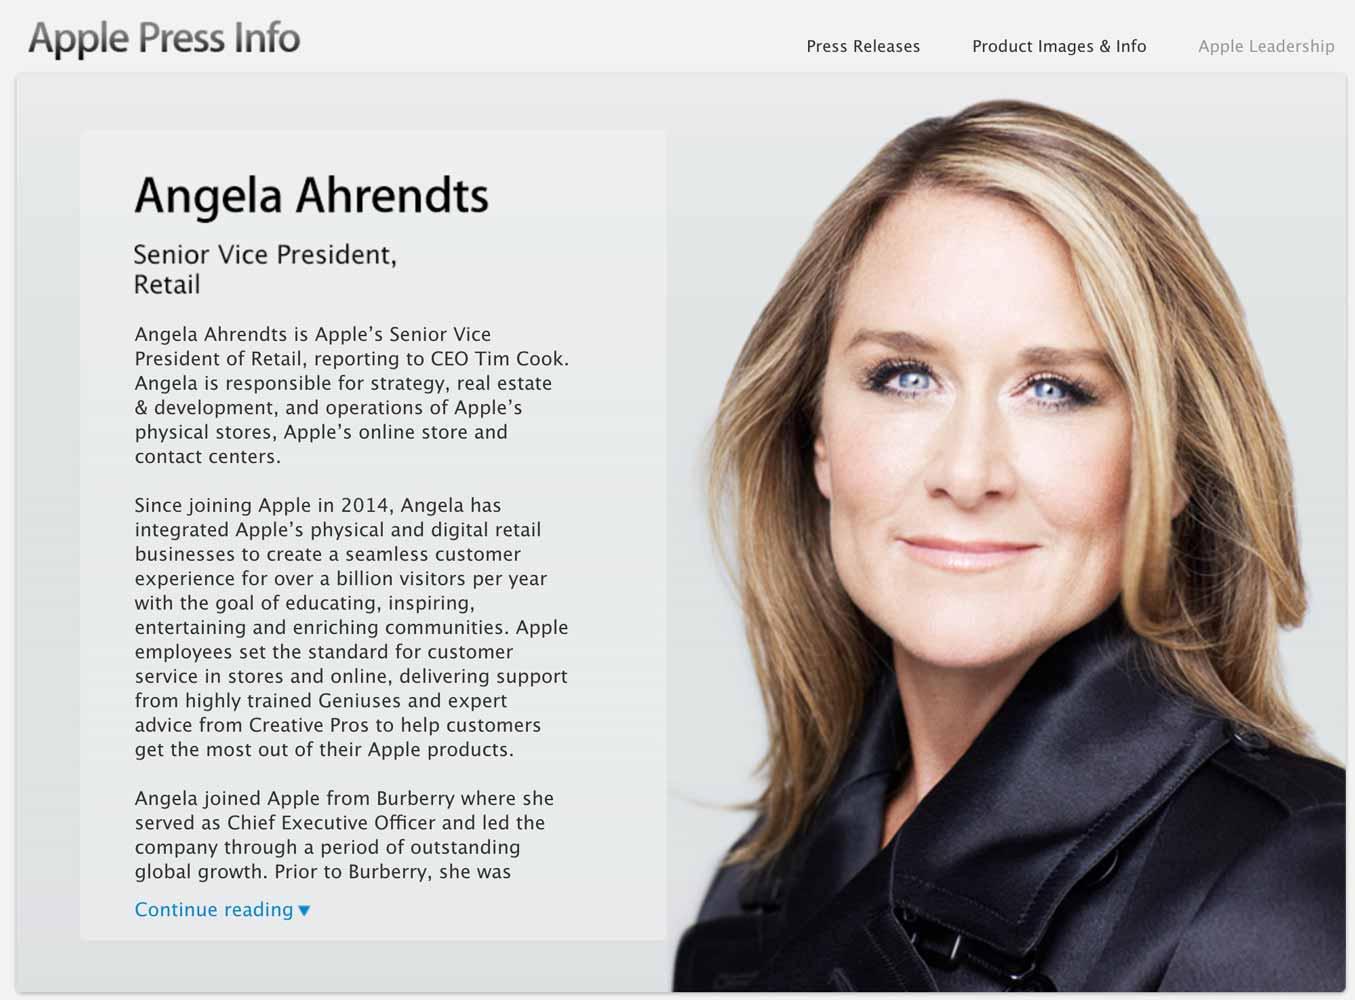 Angelaahrendts bio